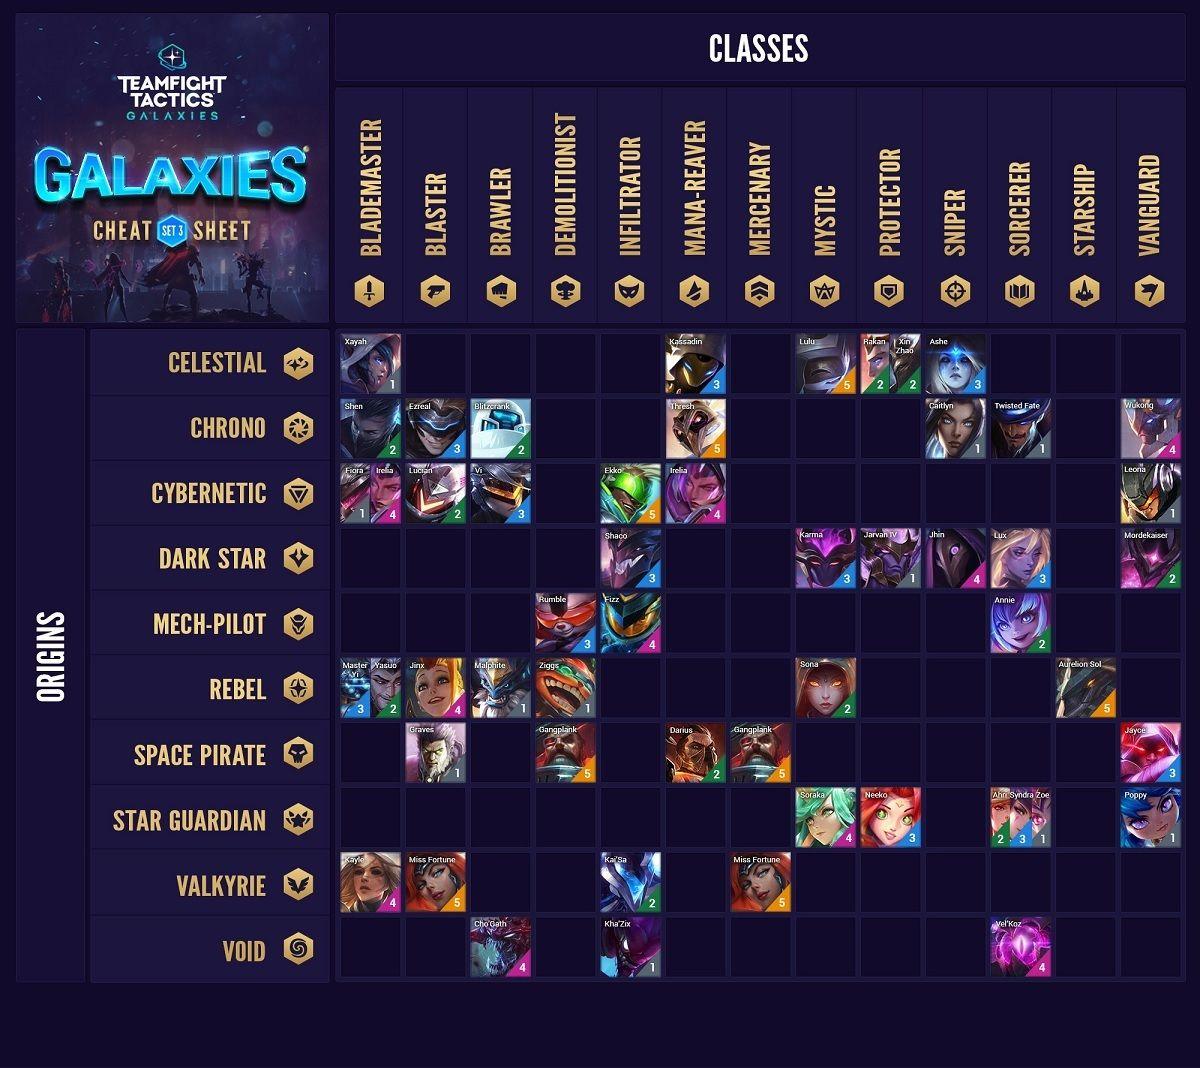 Tabla origenes y clases de los campeones TFT